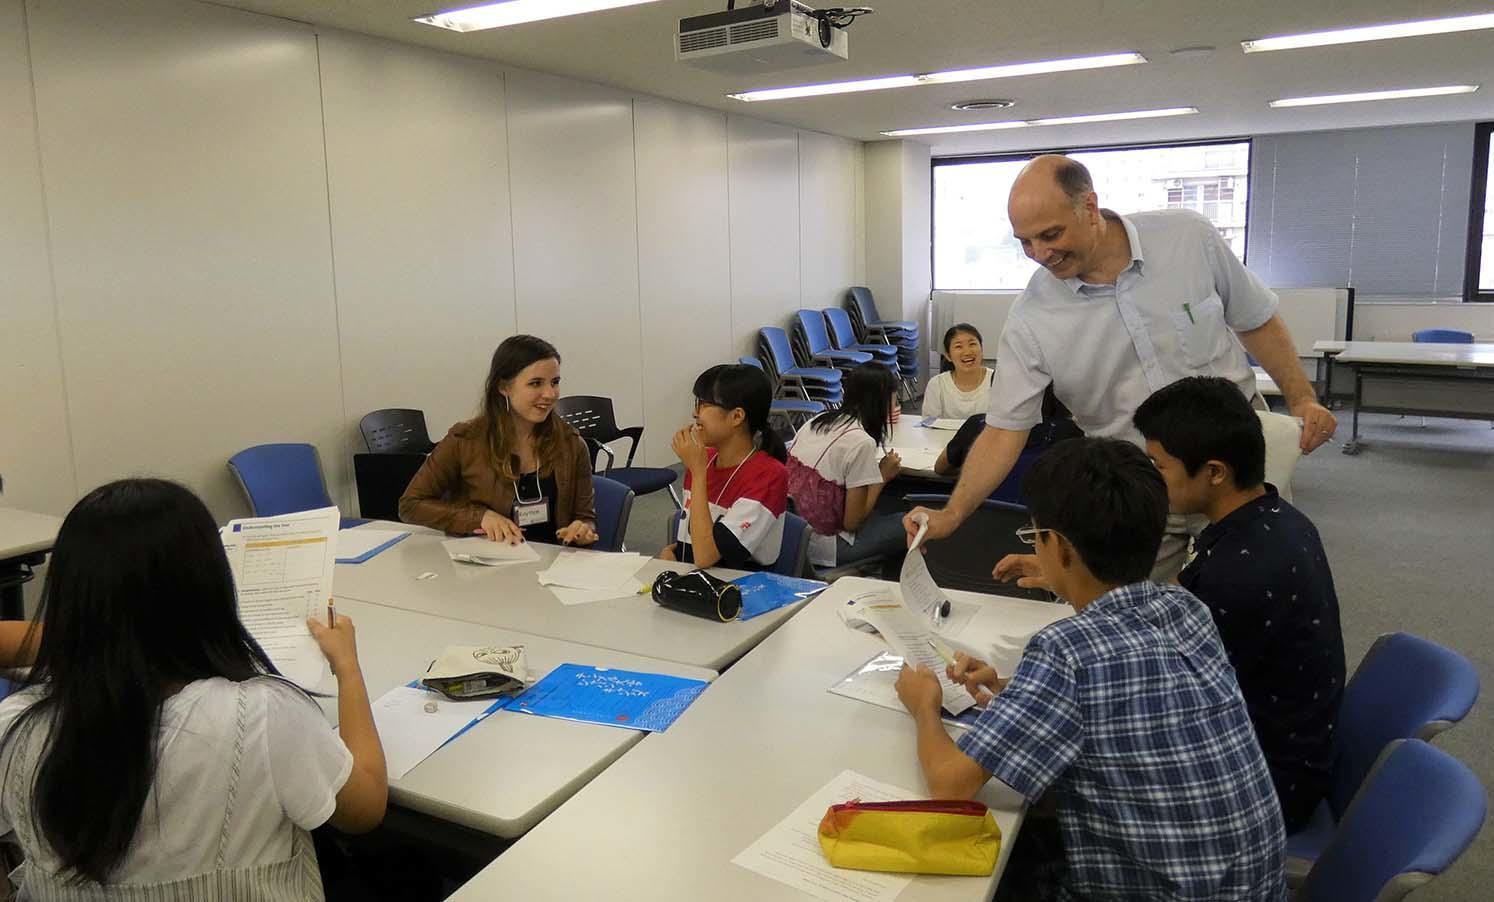 夏休みは東京・三軒茶屋で「100%英語漬け」 -- テンプル大学ジャパンキャンパスの小中高生国内留学